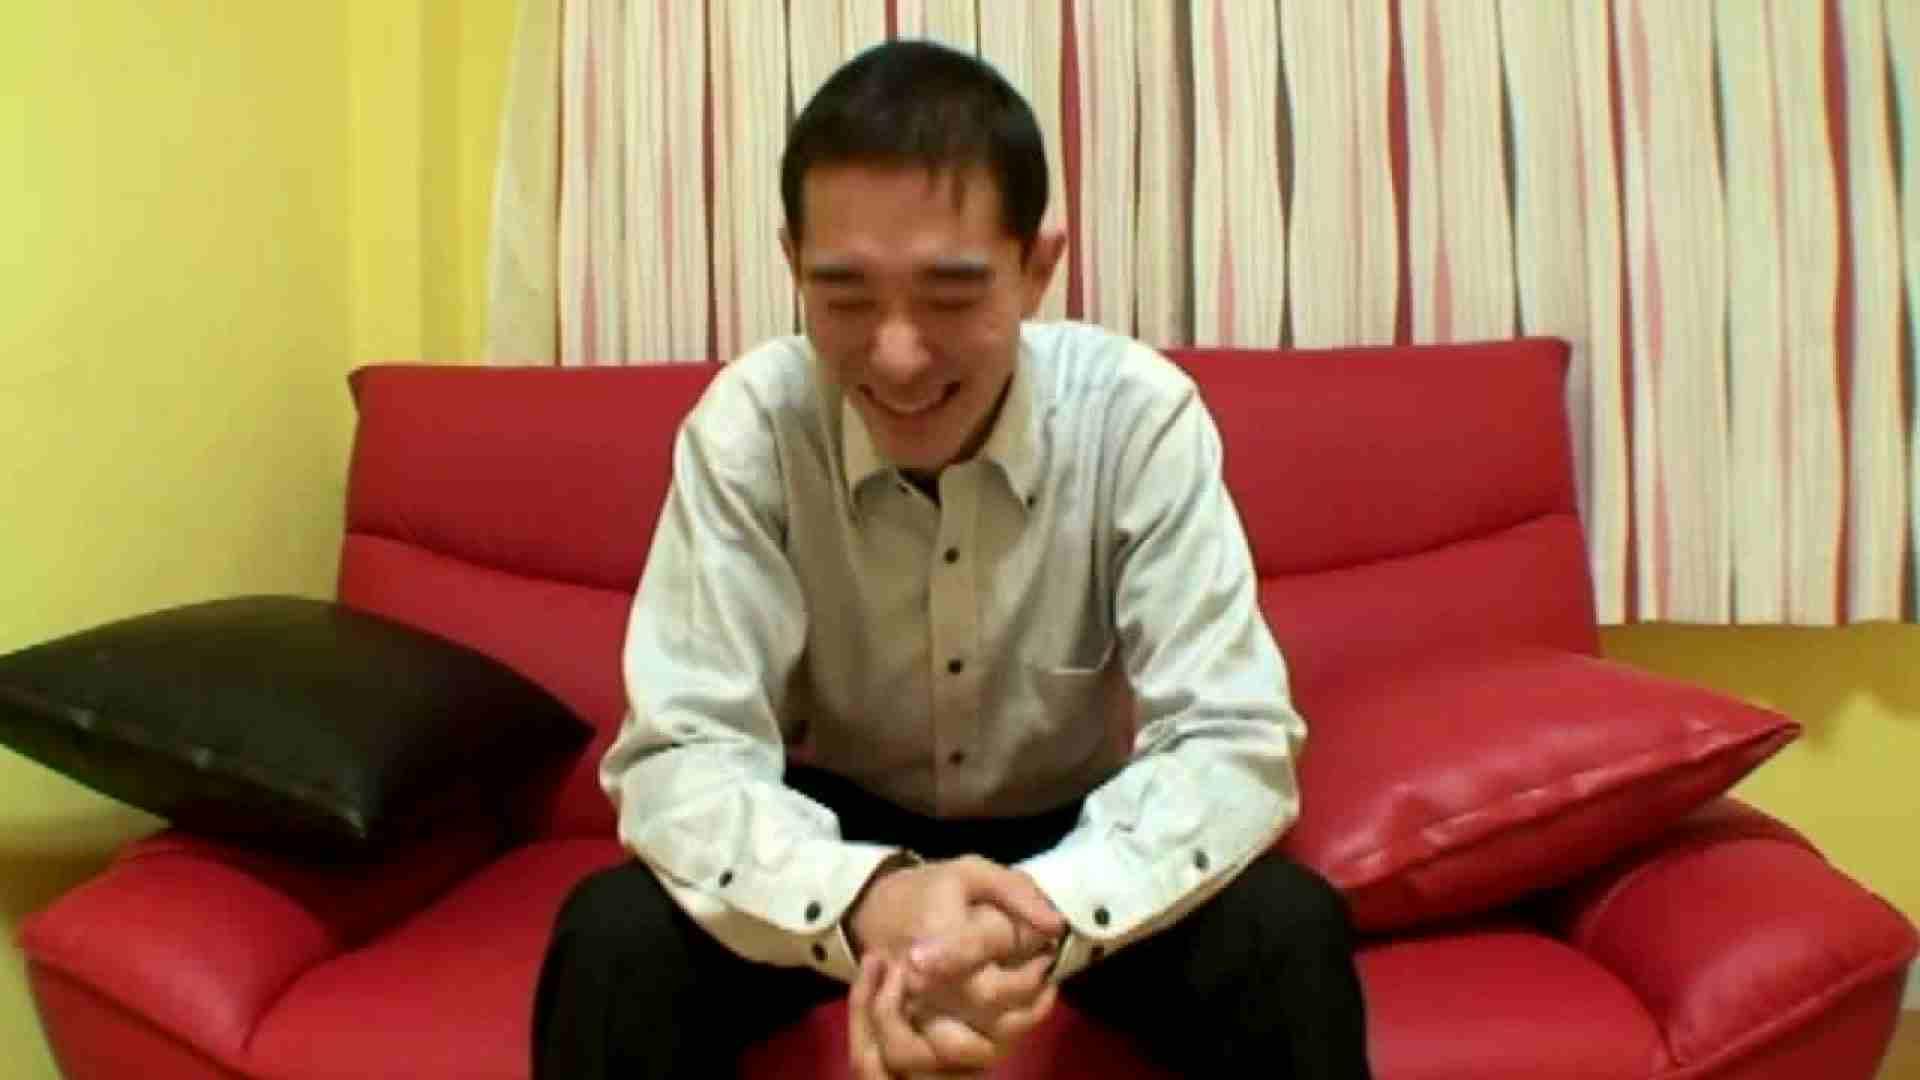 メガネ男子のプライベートタイム 手コキ AV動画 100枚 37